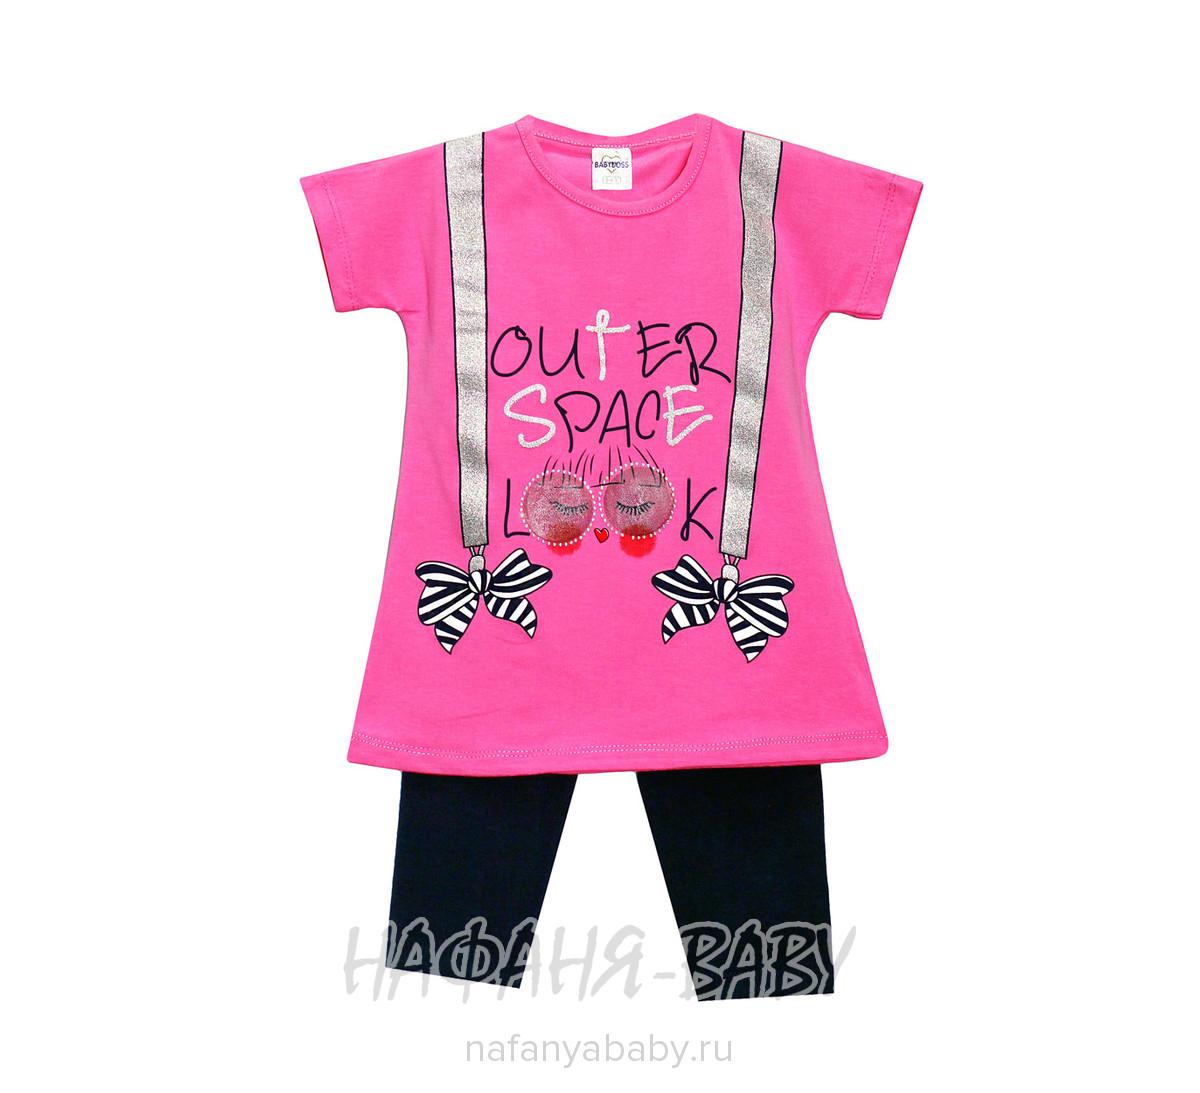 Детский костюм, артикул 4002 BABY BOSS арт: 4002, 1-4 года, 5-9 лет, цвет футболка- персиковый, лосины- сине-серый, оптом Турция